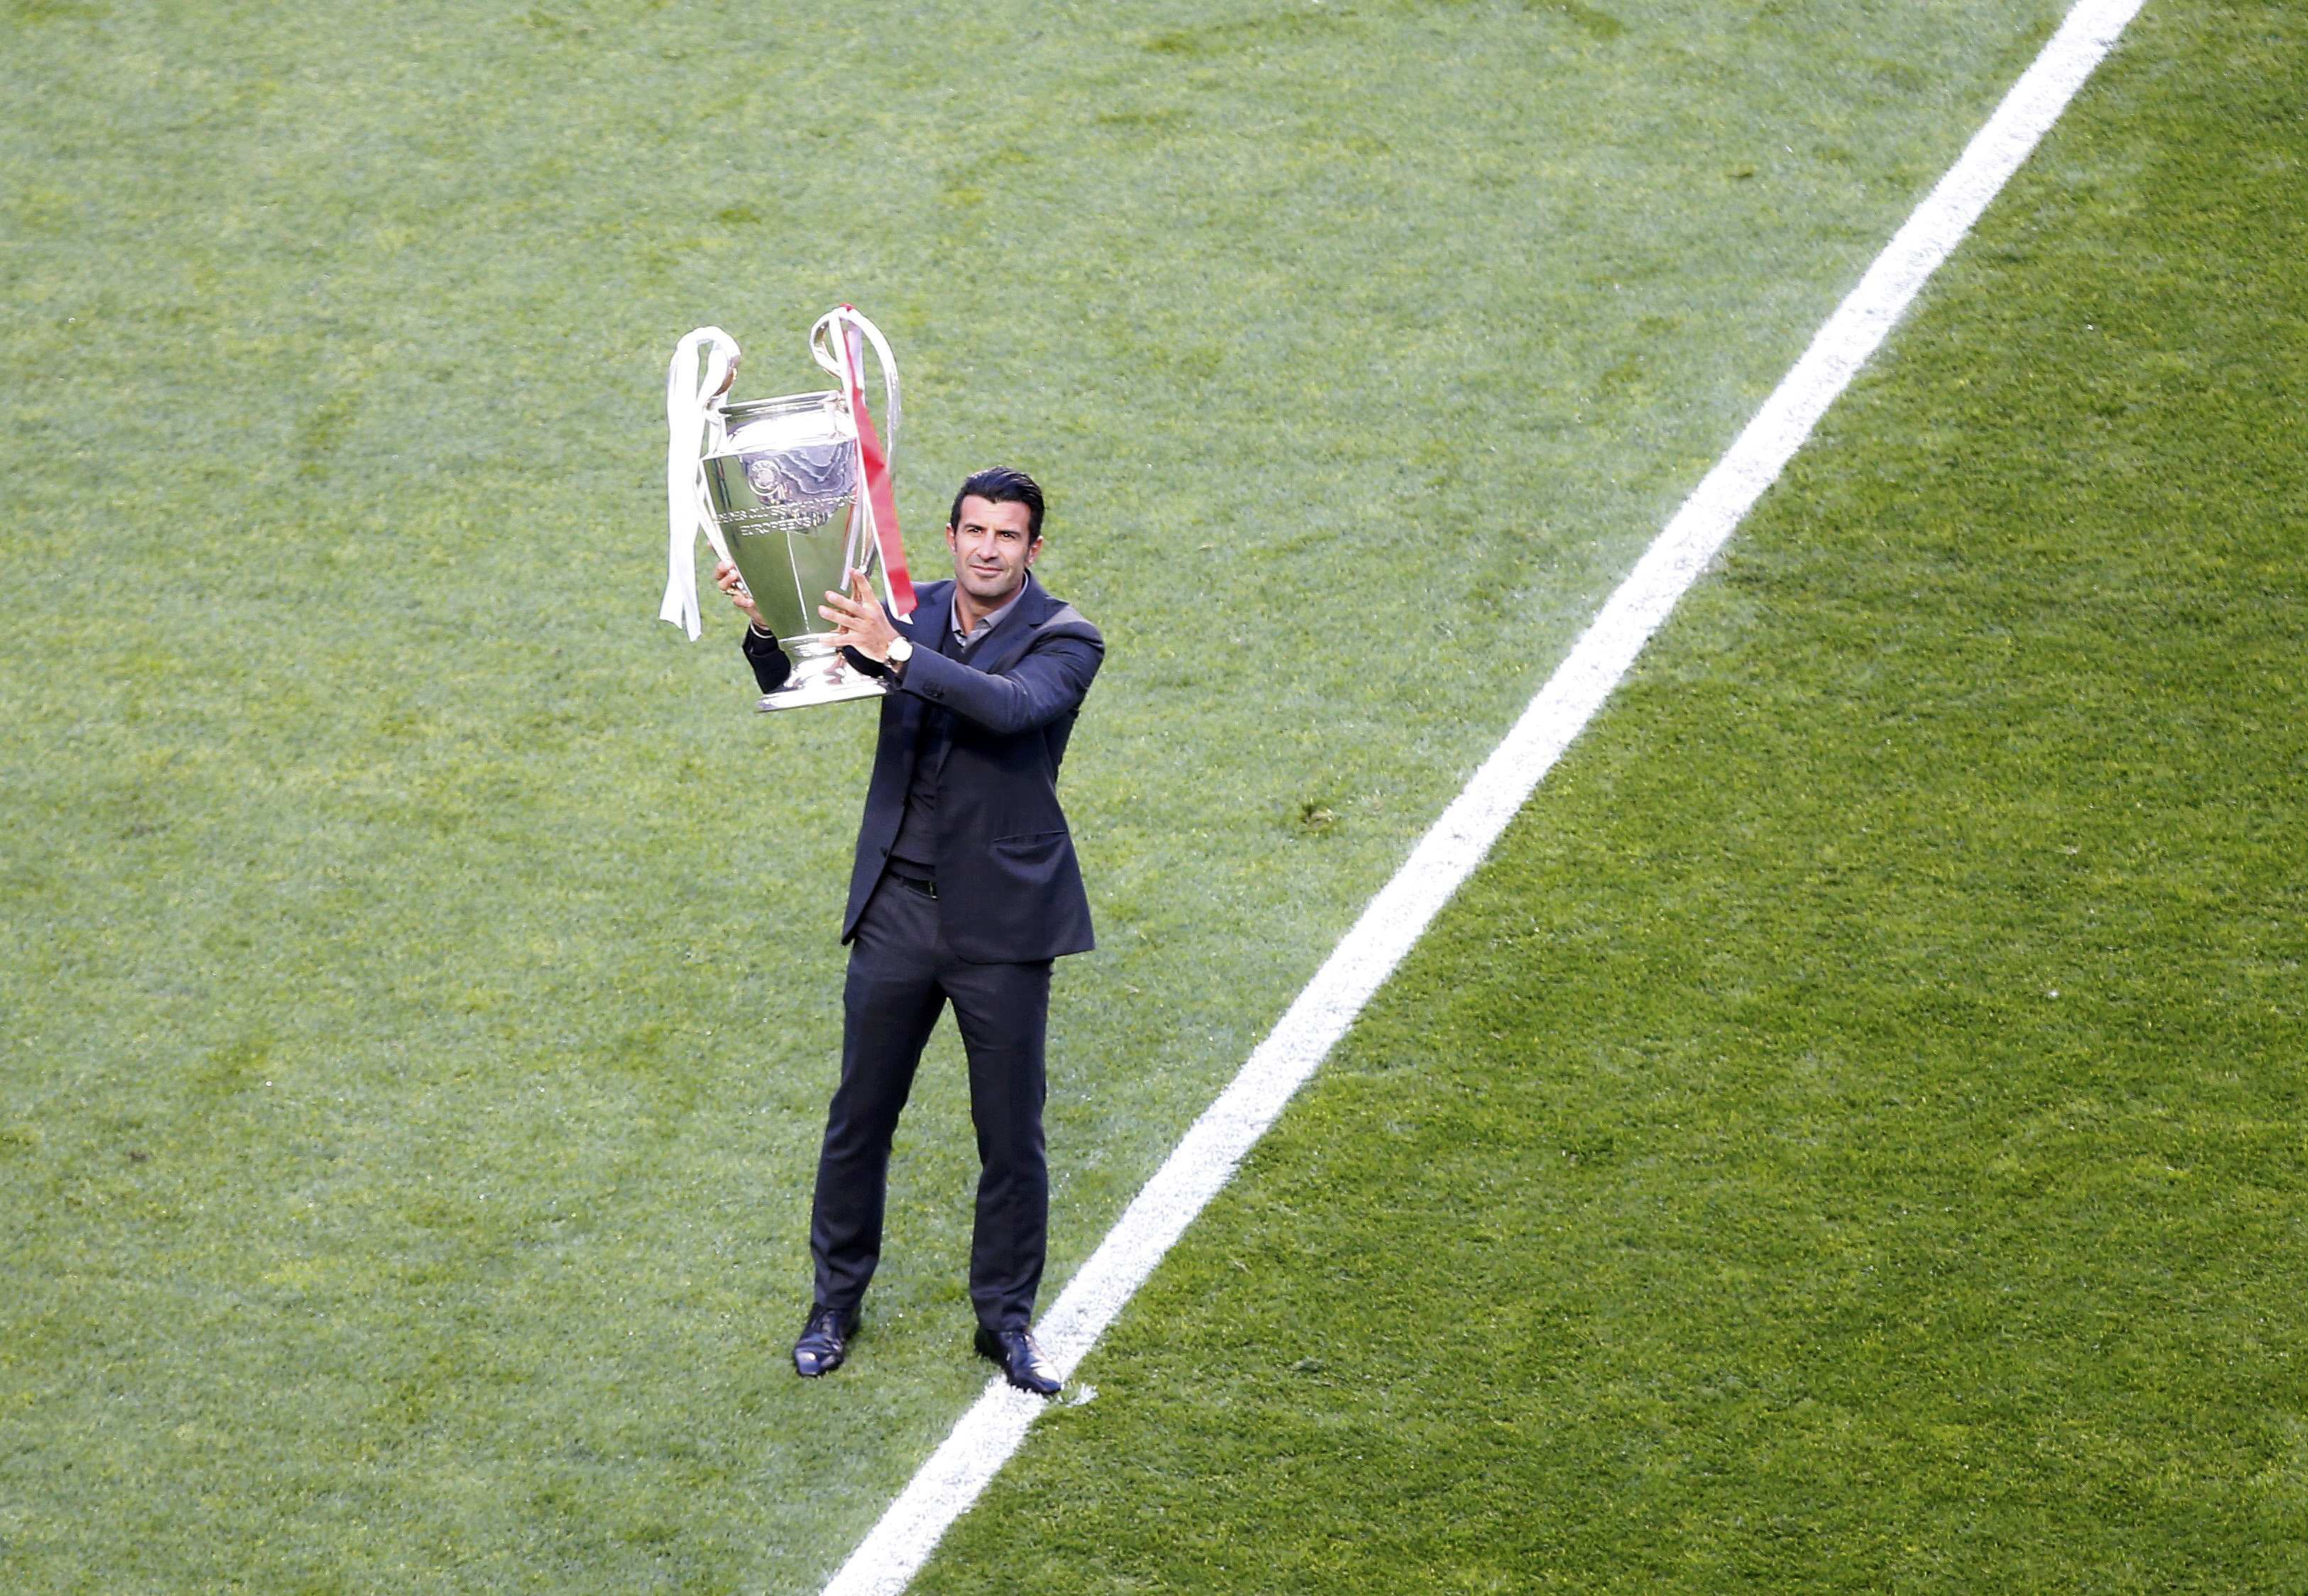 Luis Figo com a Taça dos Campeões, antes do início do jogo